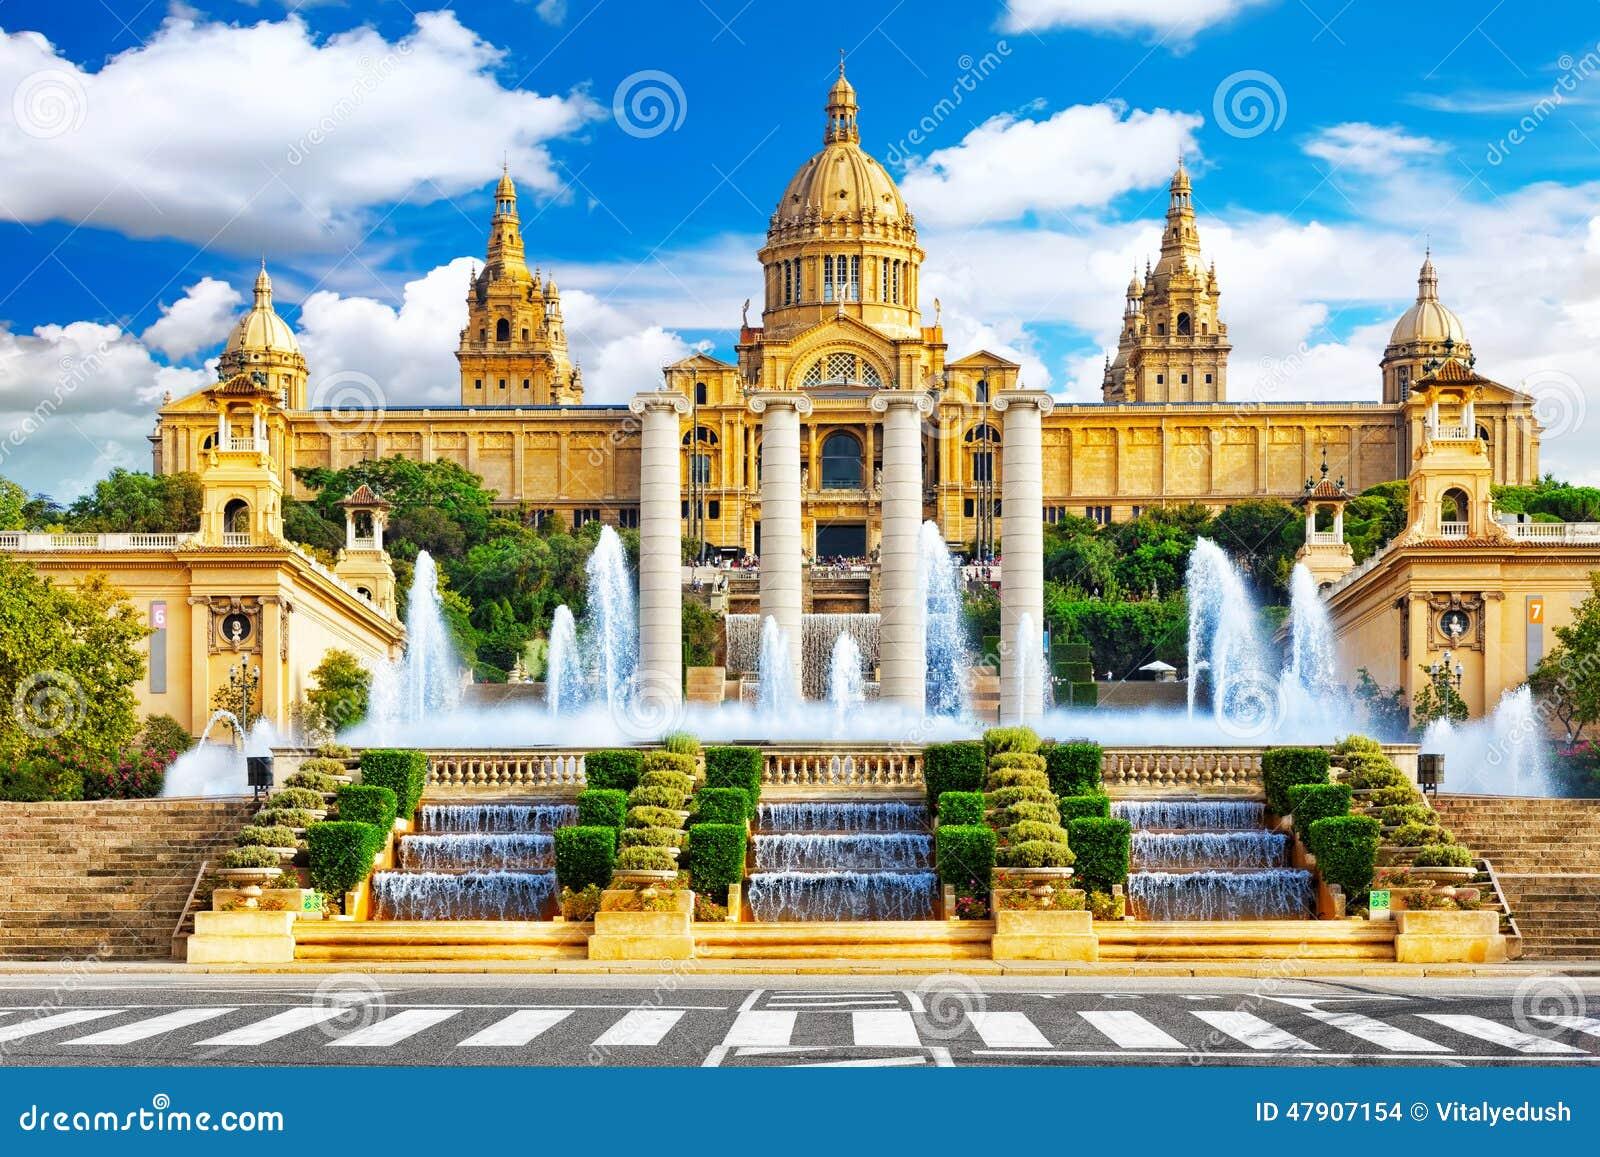 Barcelona museumnational